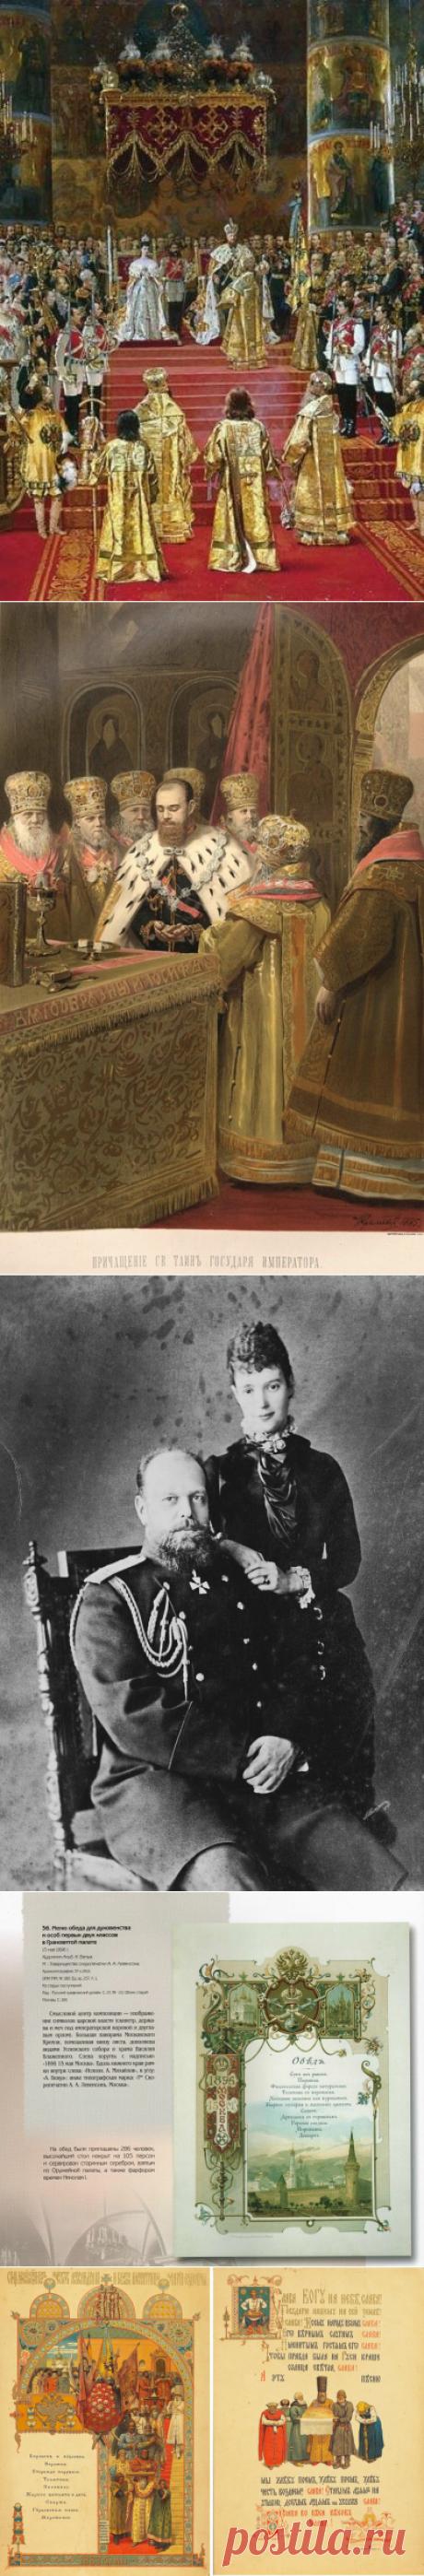 Царский стол... чем угощали гостей в честь коронации императора Александра III?   София@Piter   Яндекс Дзен